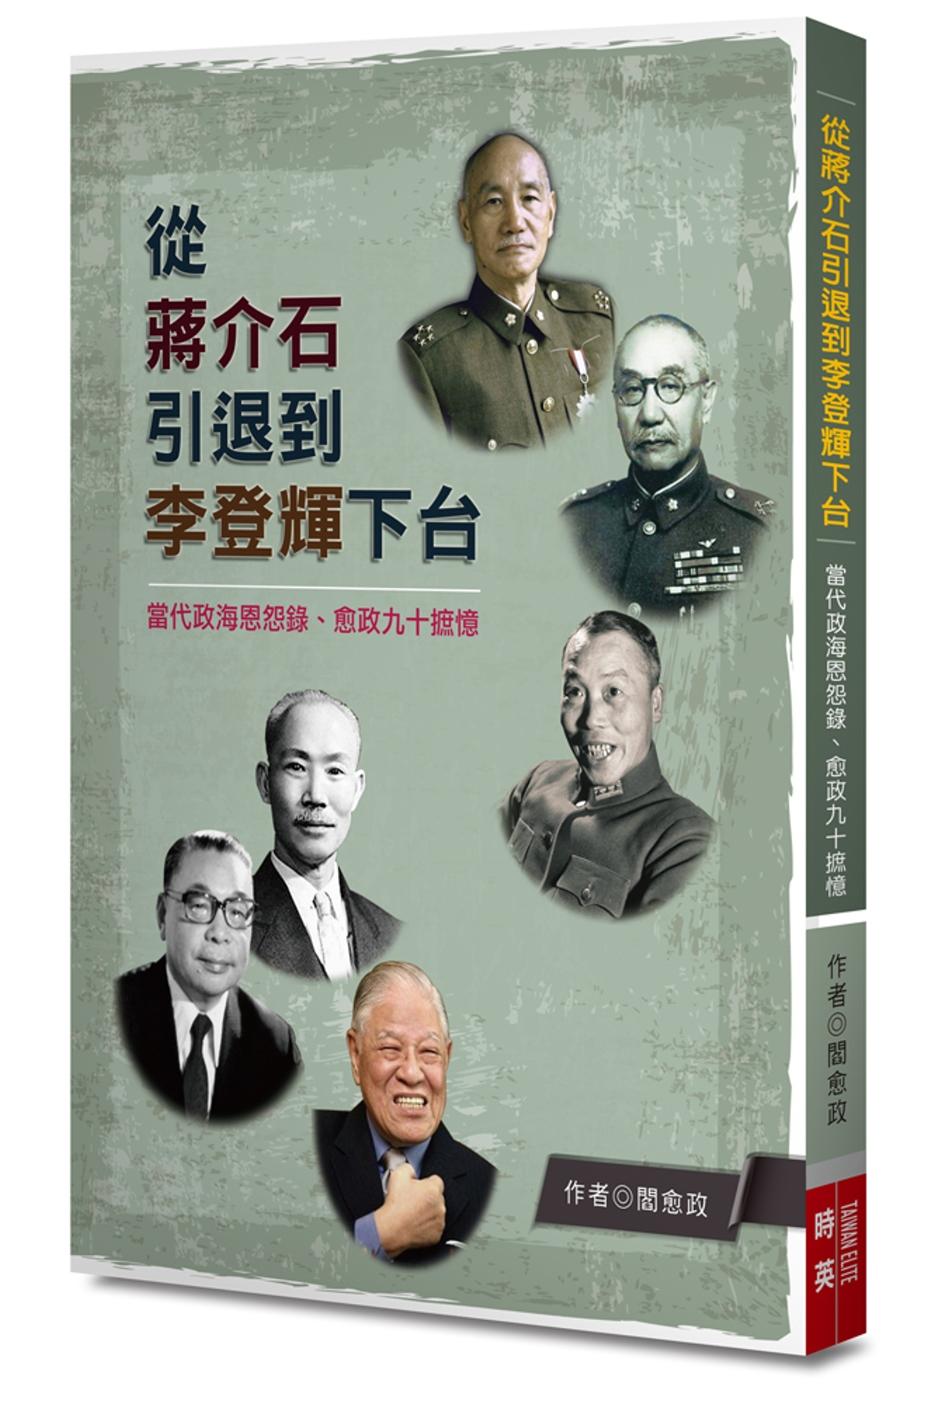 《從蔣介石引退到李登輝下台》 商品條碼,ISBN:9789869573306